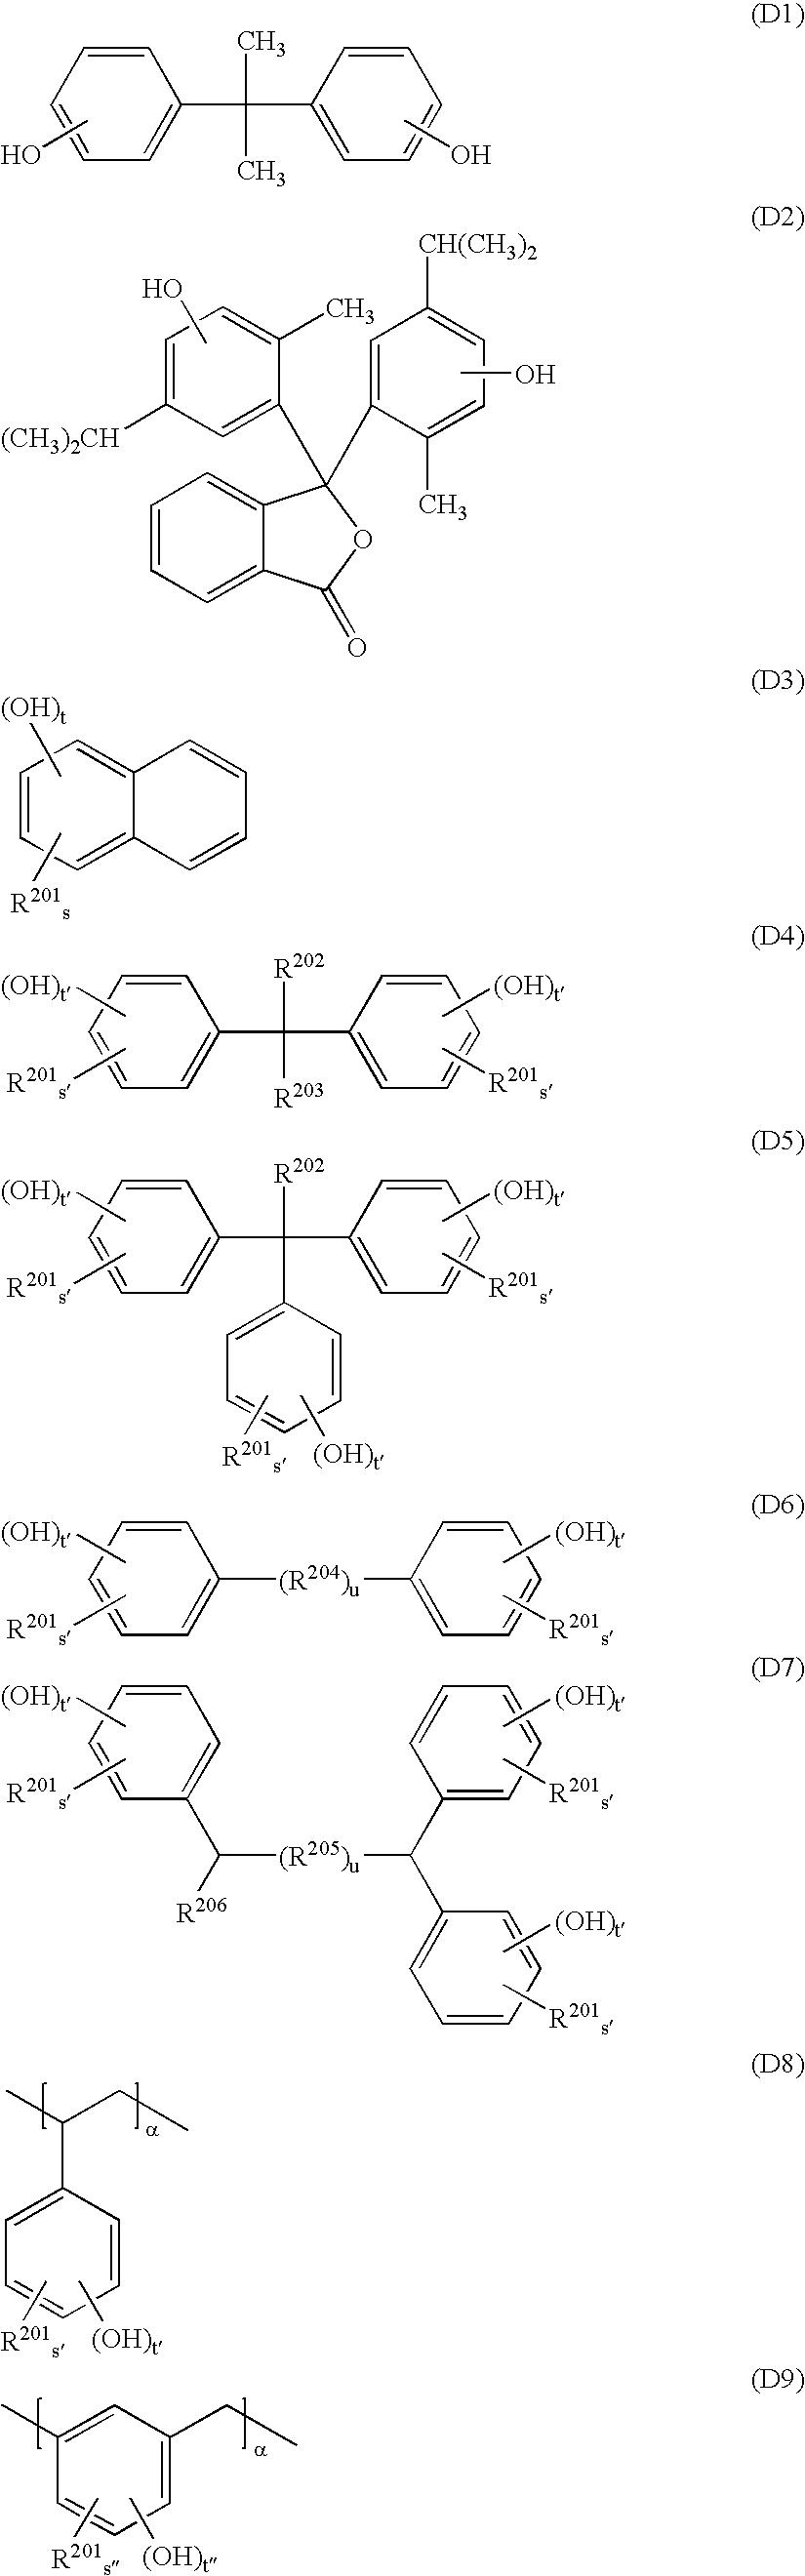 Figure US20070231738A1-20071004-C00067